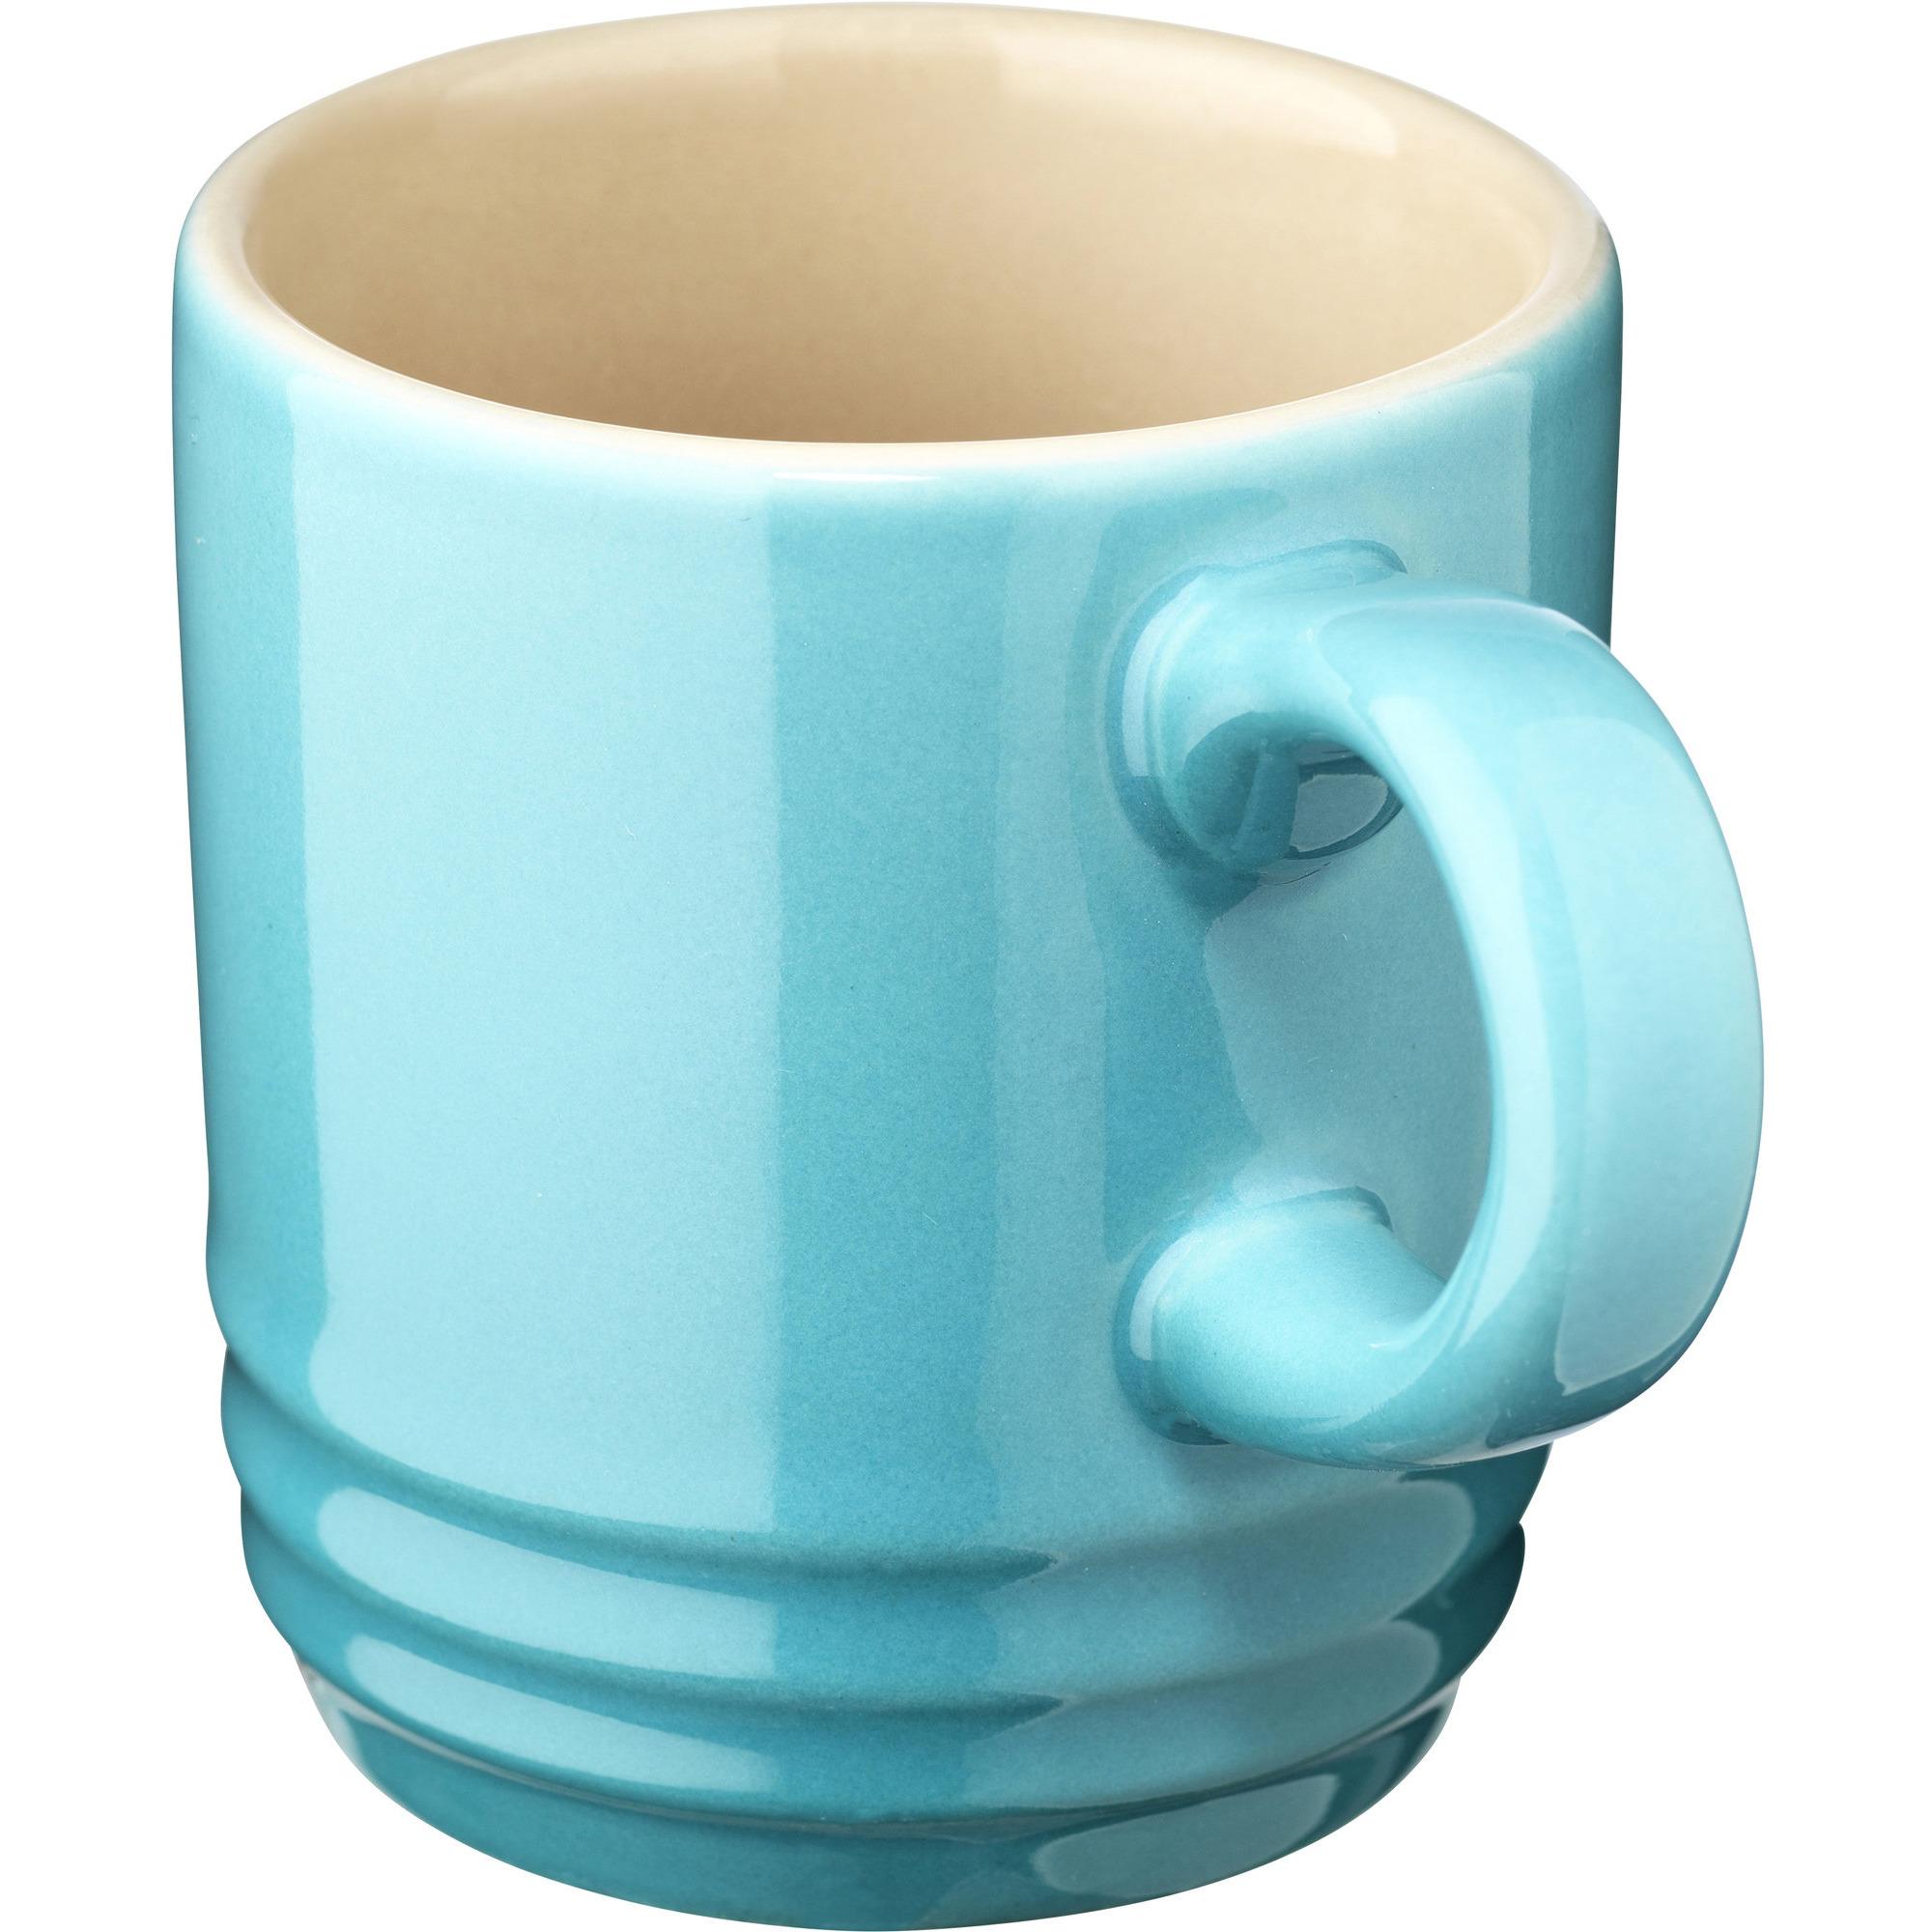 Le Creuset Espressokopp 70 ml Caribbean